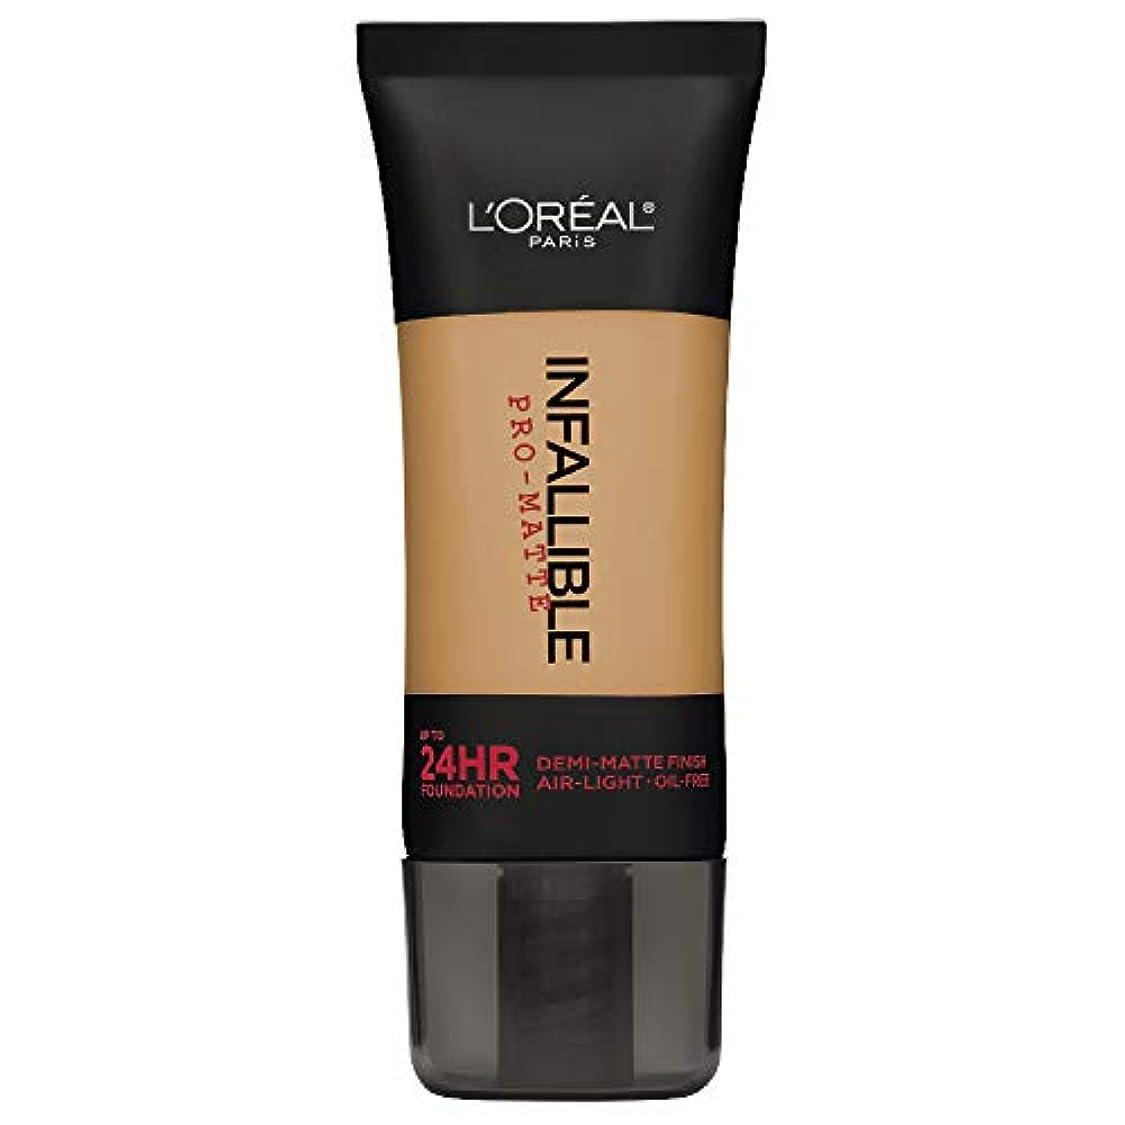 ジャニスサービスメジャーL'Oreal Paris Infallible Pro-Matte Foundation Makeup, 107 Fresh Beige, 1 fl. oz[並行輸入品]